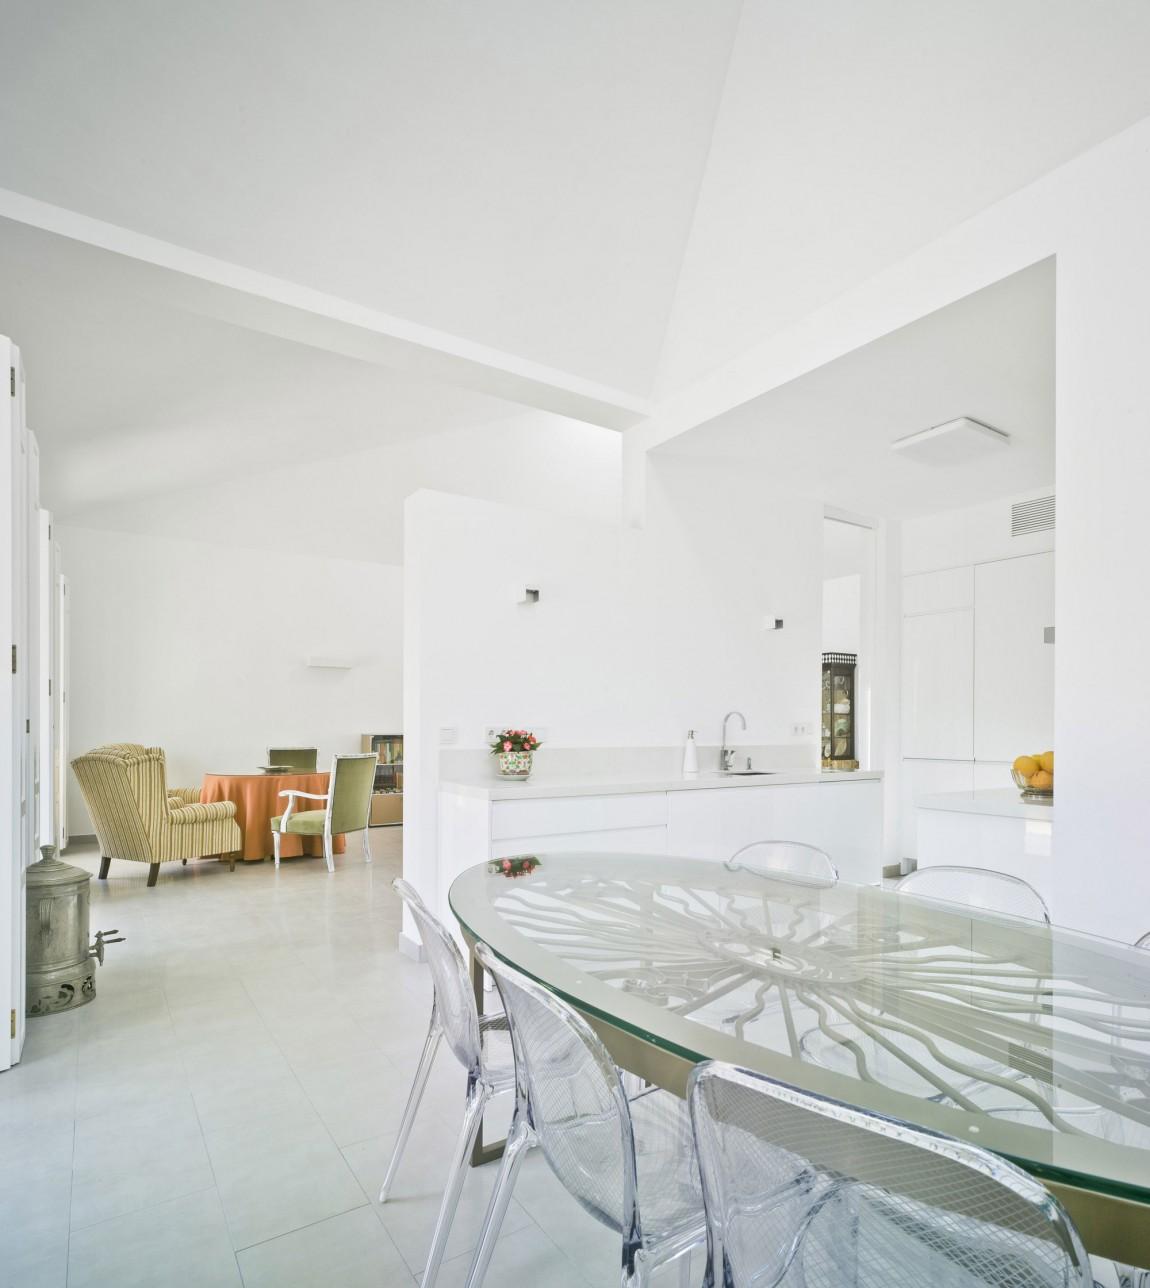 Роскошный интерьер белой кухни - Фото 12